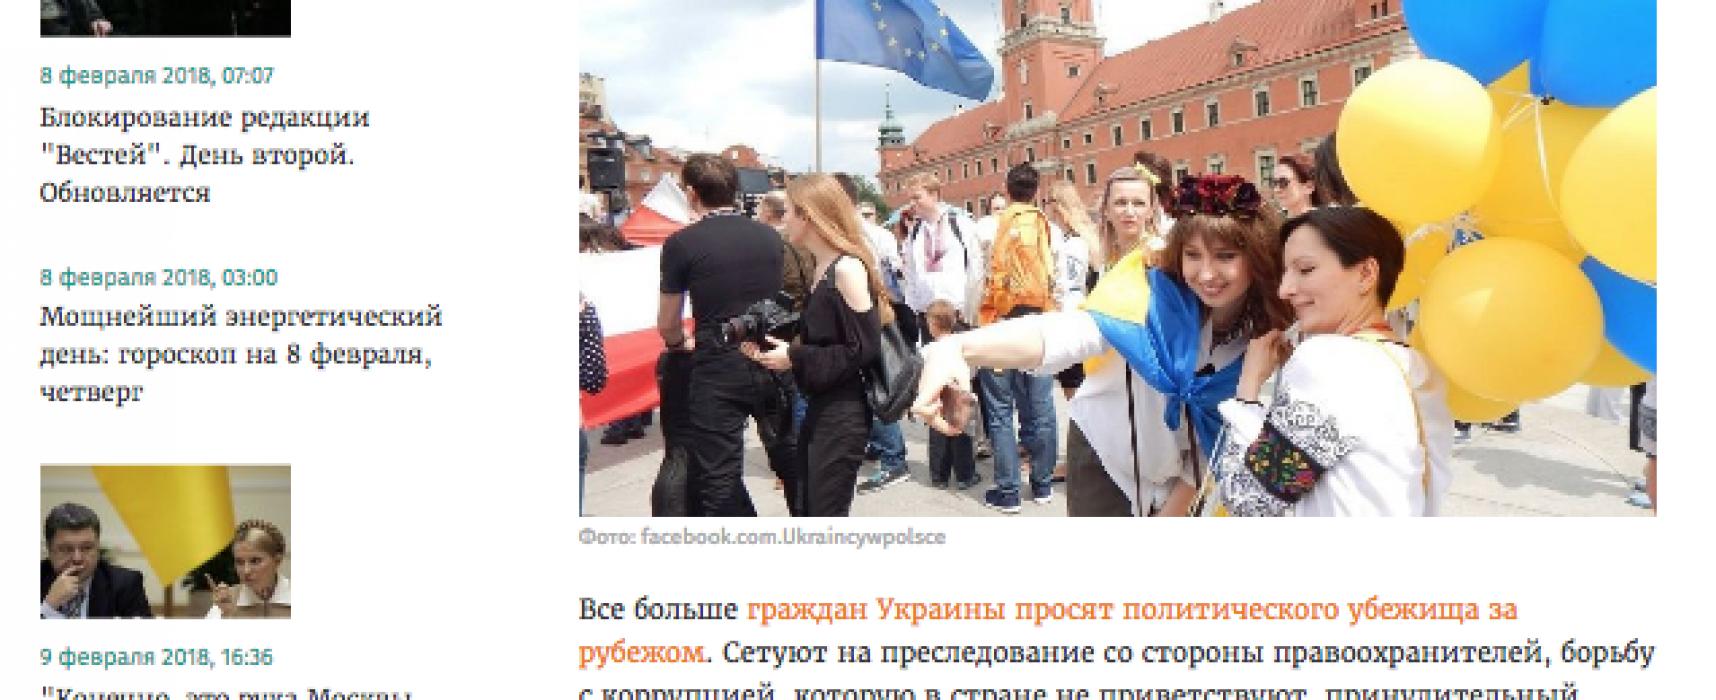 Russische Agitprop: Ukrainer geben sich als Homosexuelle oder als Kommunisten aus, um in Europa Asyl zu erhalten